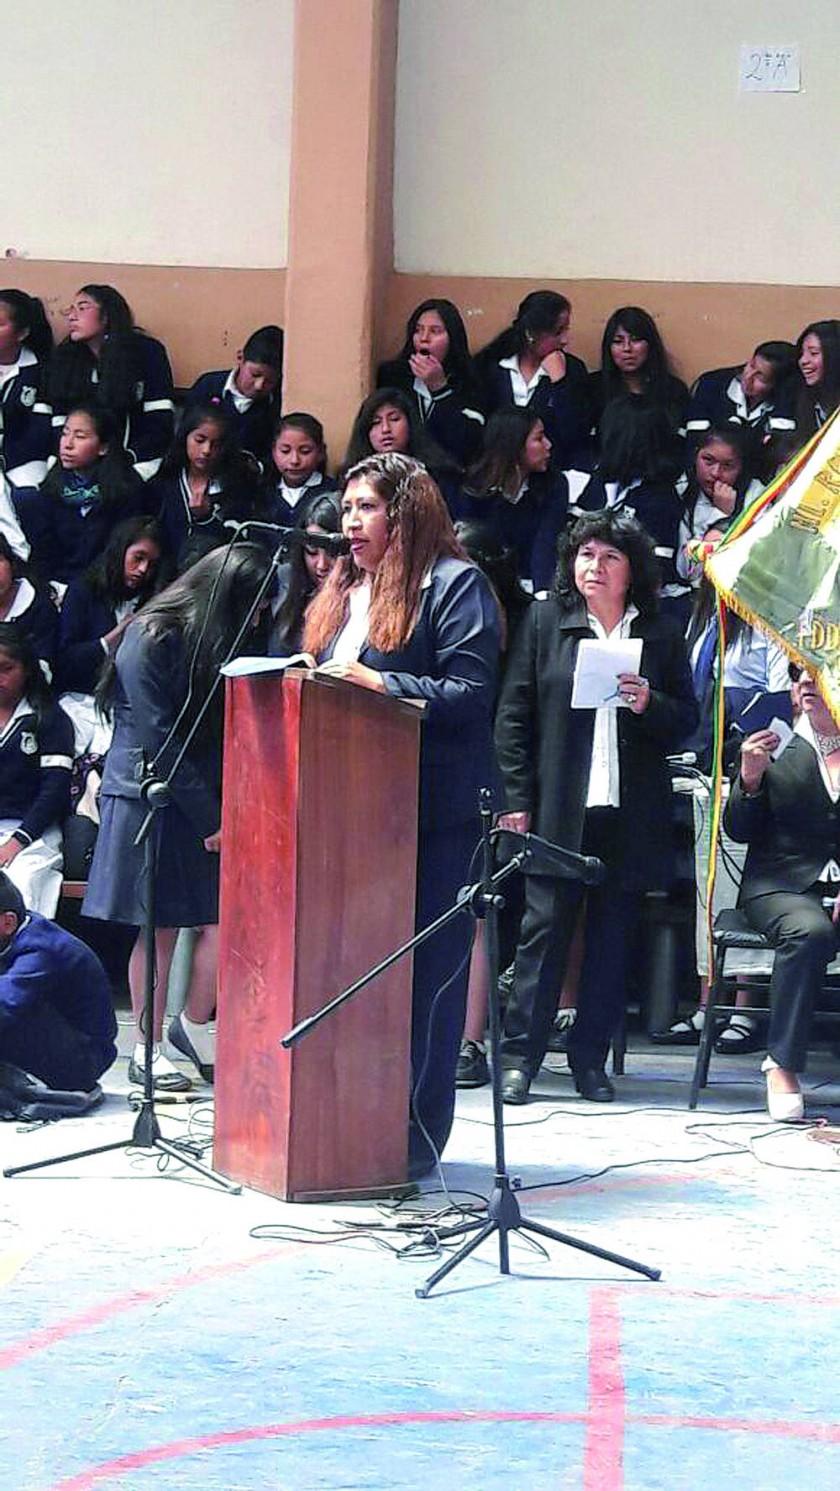 Salutación y agradecimiento al colegio a cargo de la representante de la promoción 93, Juana Maturano.